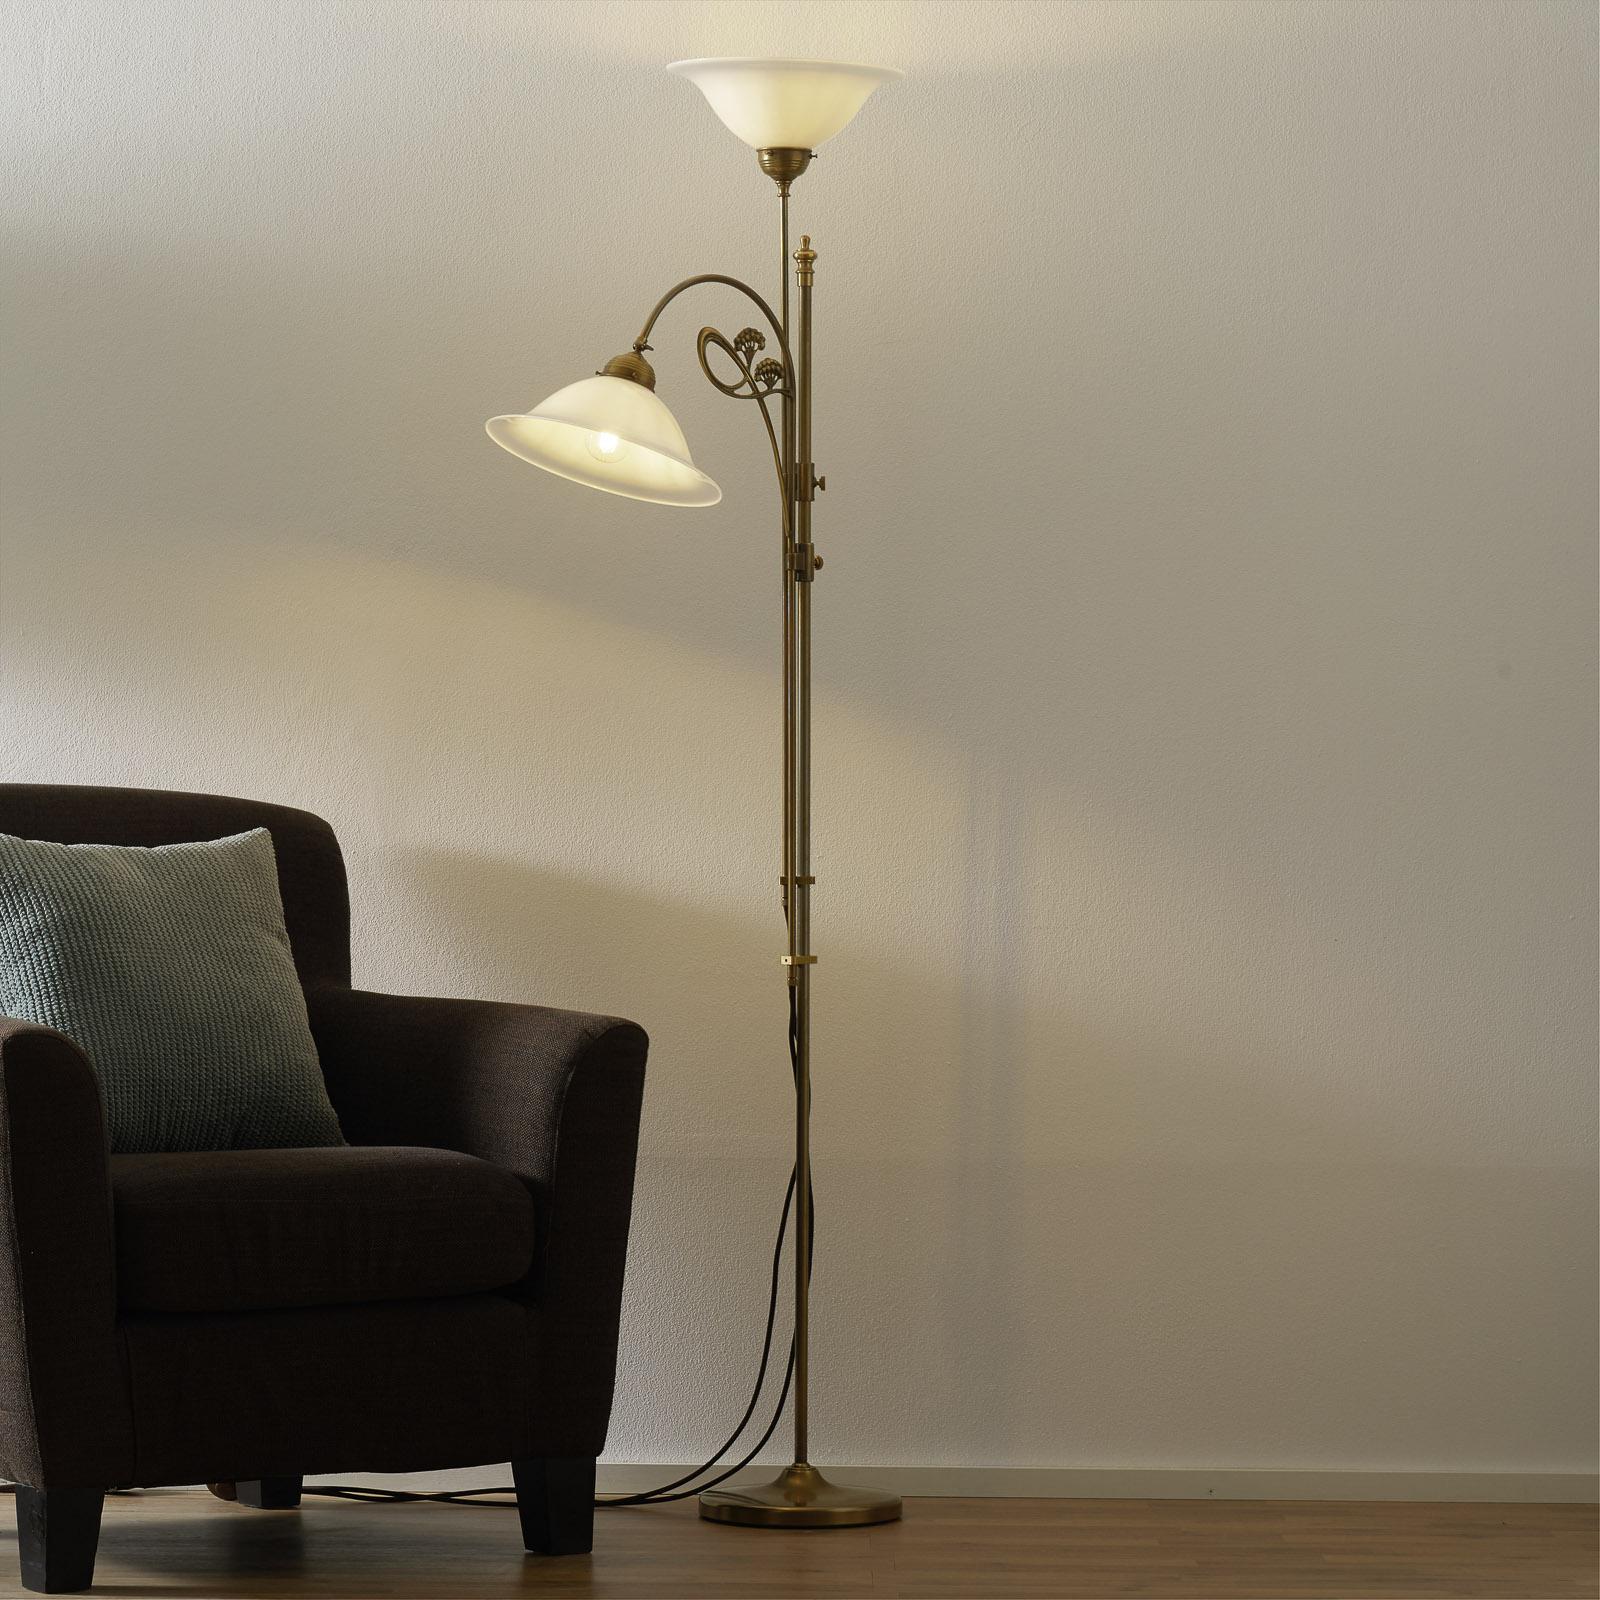 Mosadzná stojaca lampa Alwine dvoj-plameňová_1542009_1